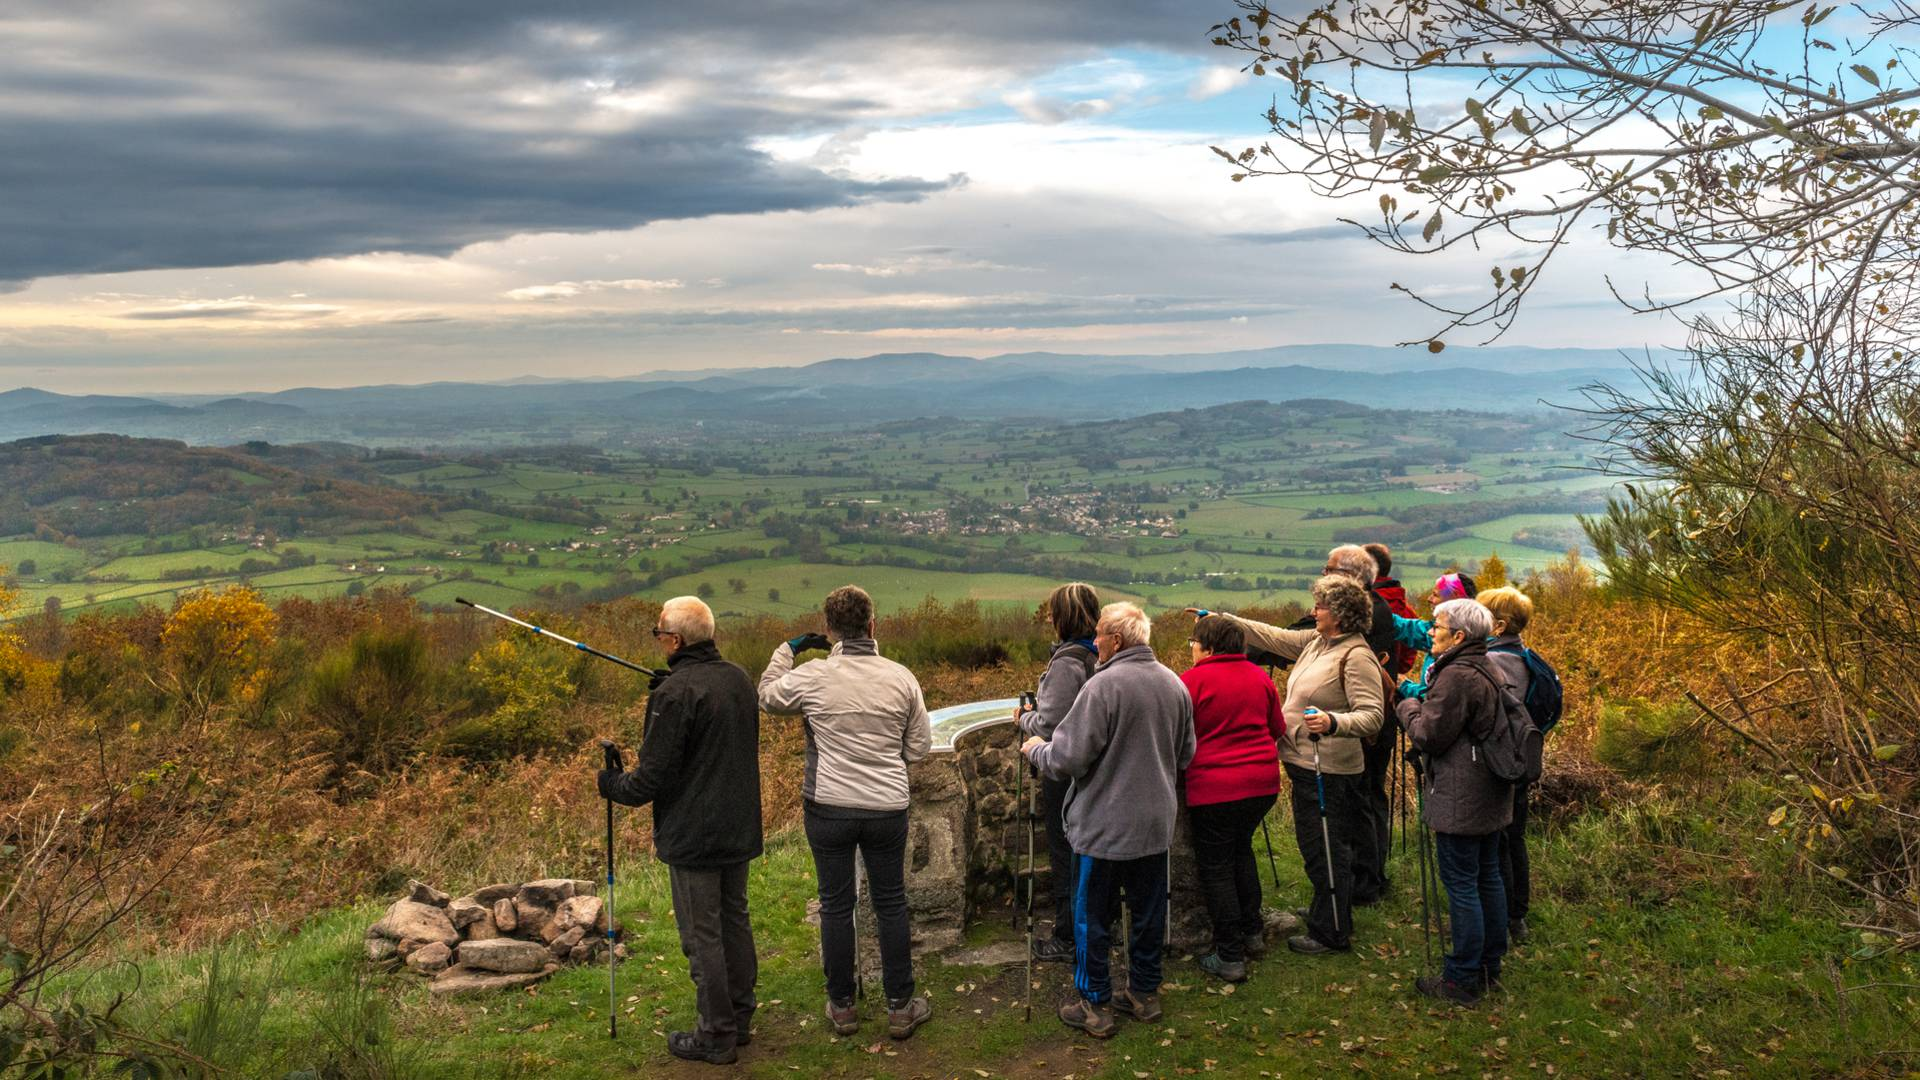 Sur les hauteurs de Saint-Symphorien-de-Mamagne. © Oscara Photogrpahe, Creusot Montceau Tourisme.